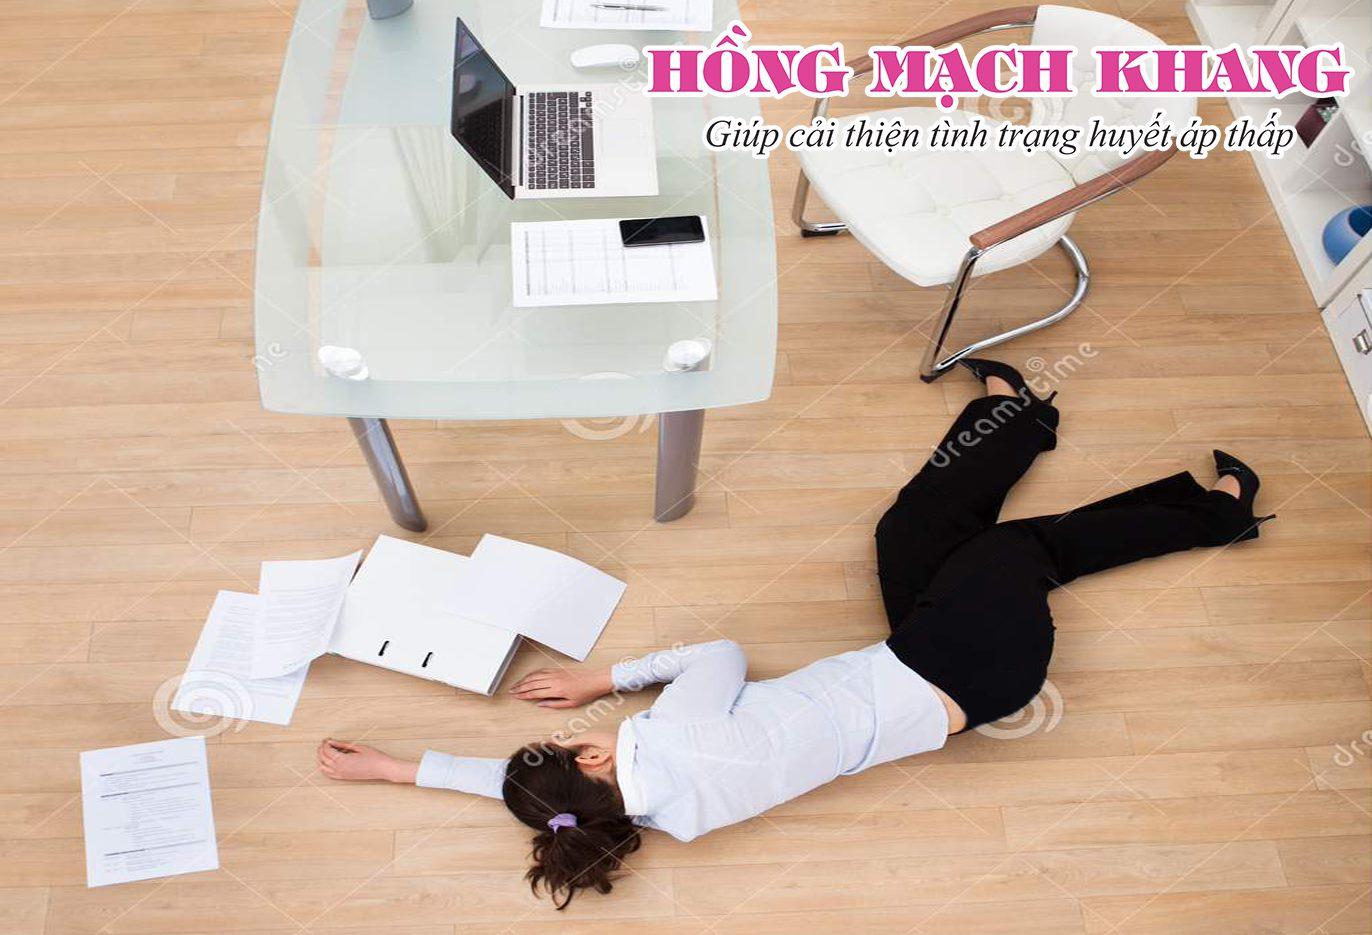 Ngất xỉu thường xuyên là hậu quả của huyết áp thấp